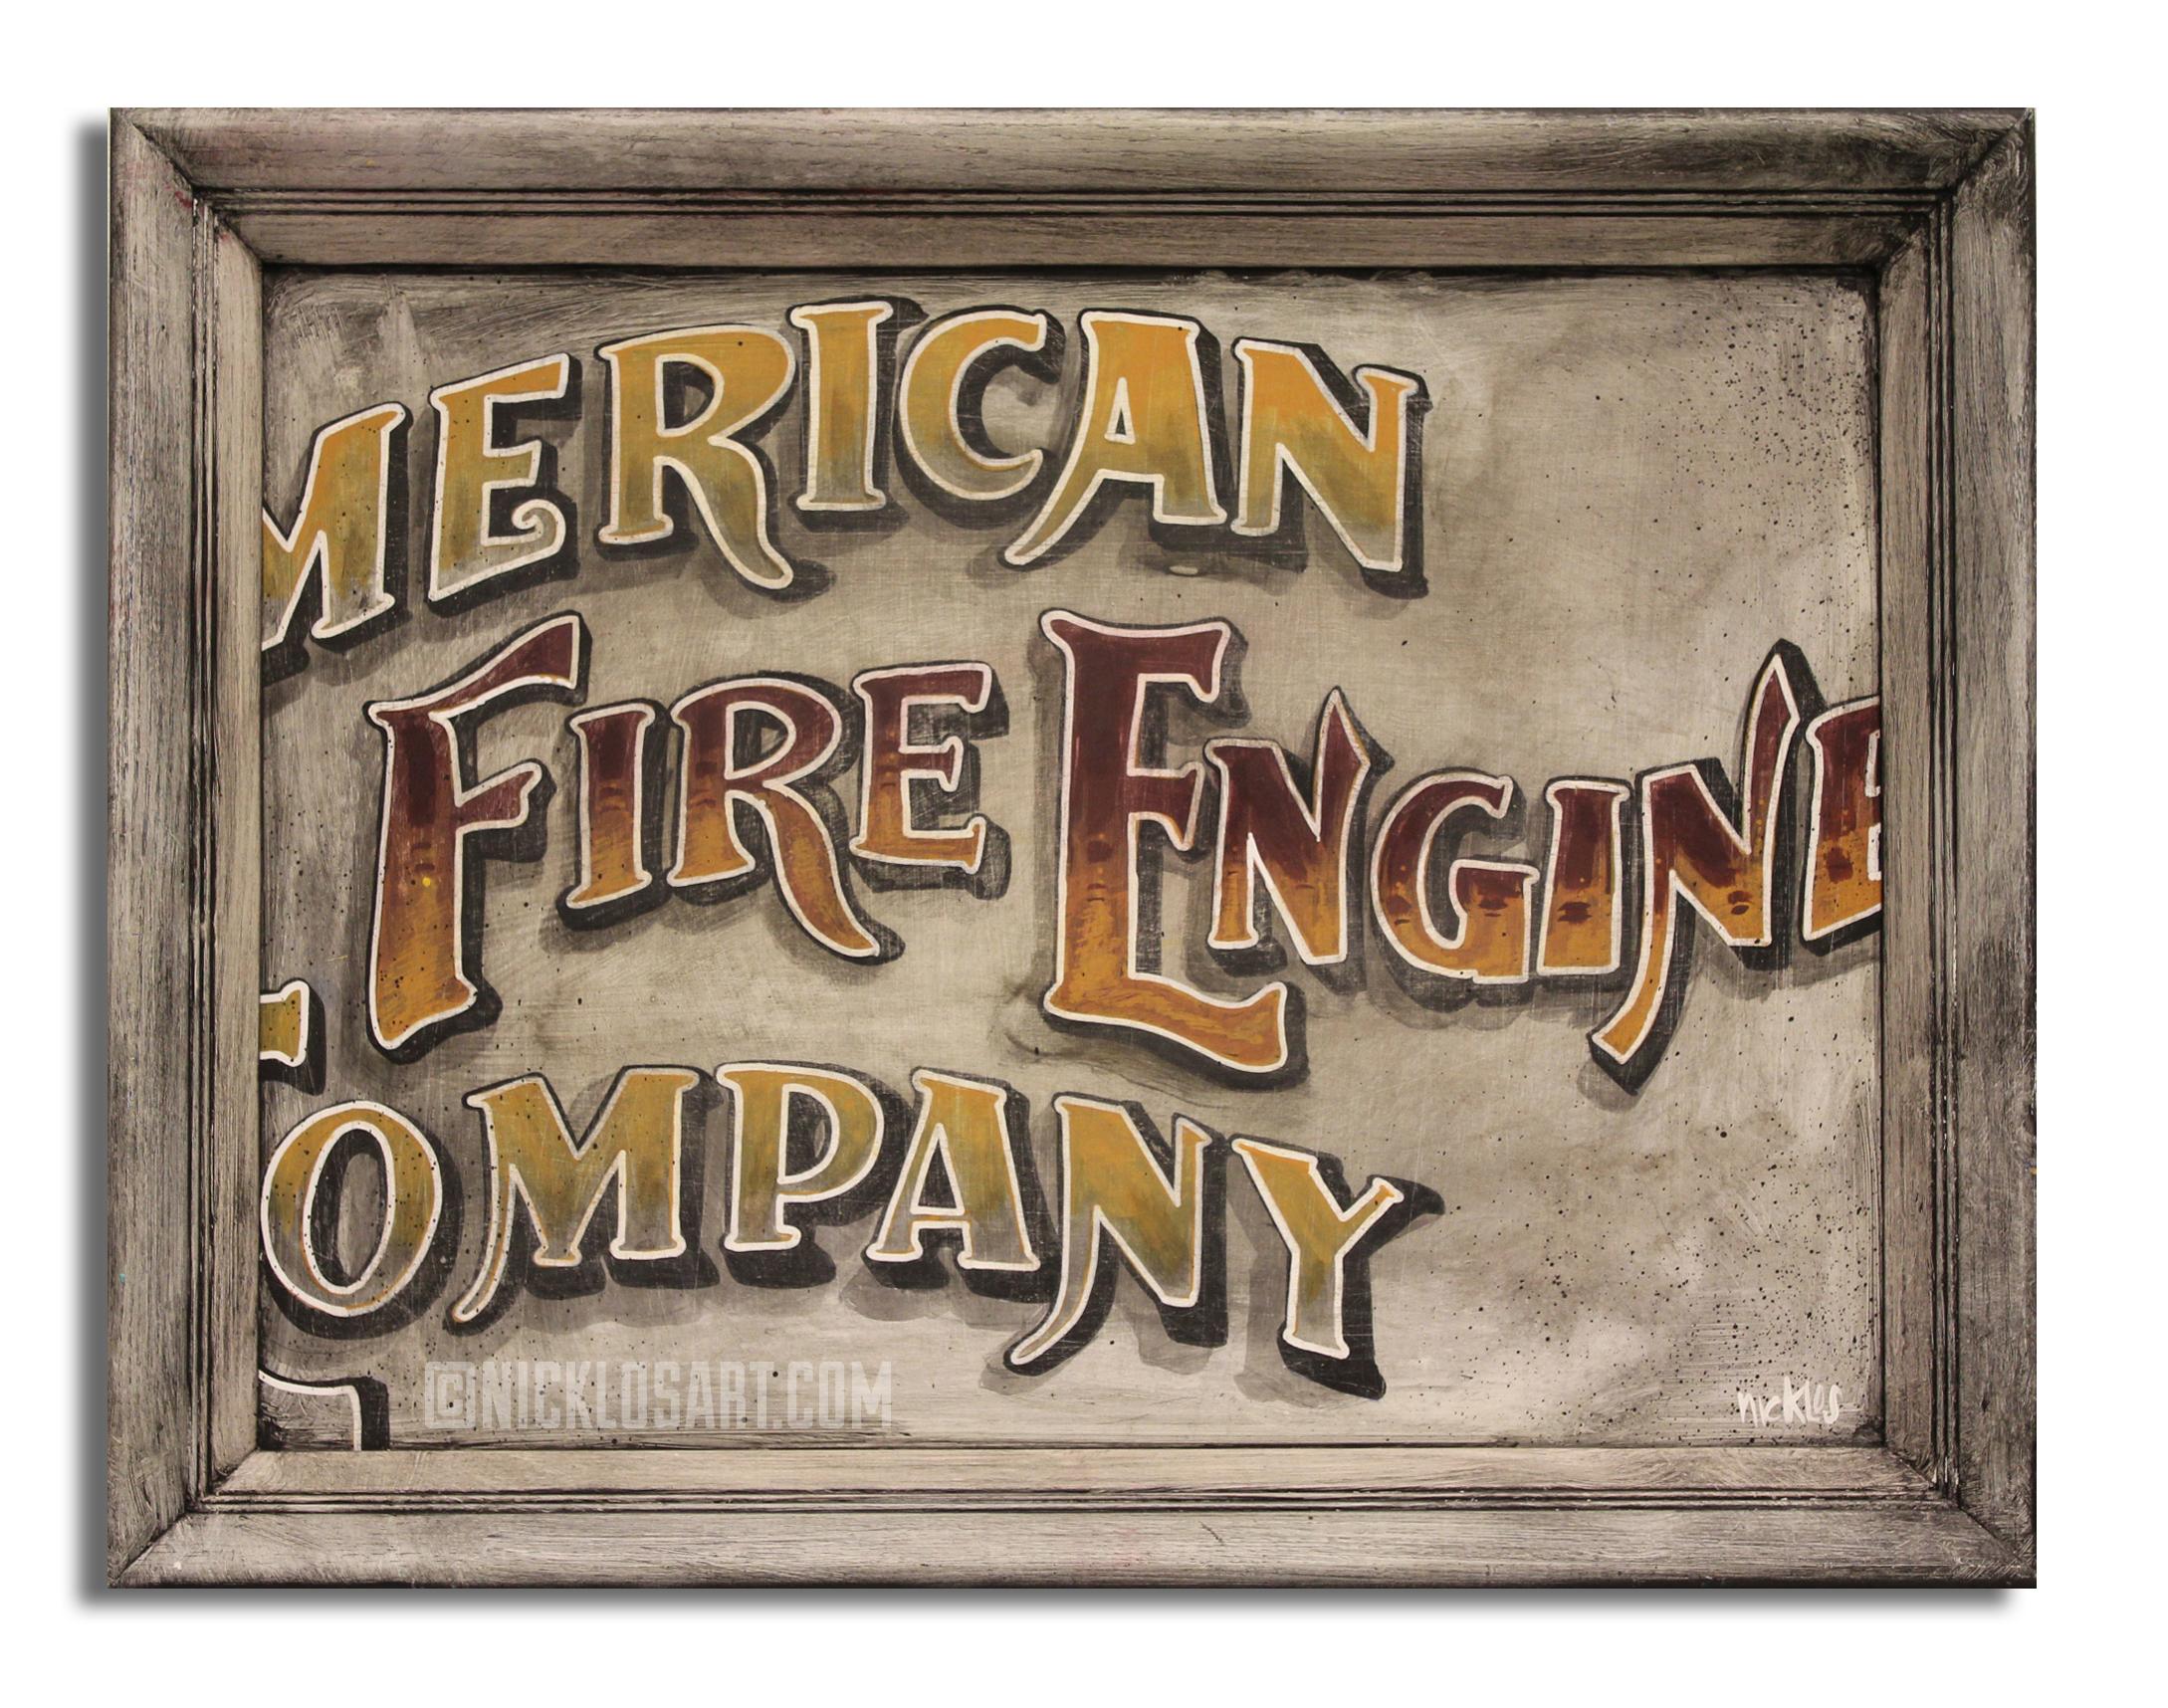 Fire Engine Folk Art